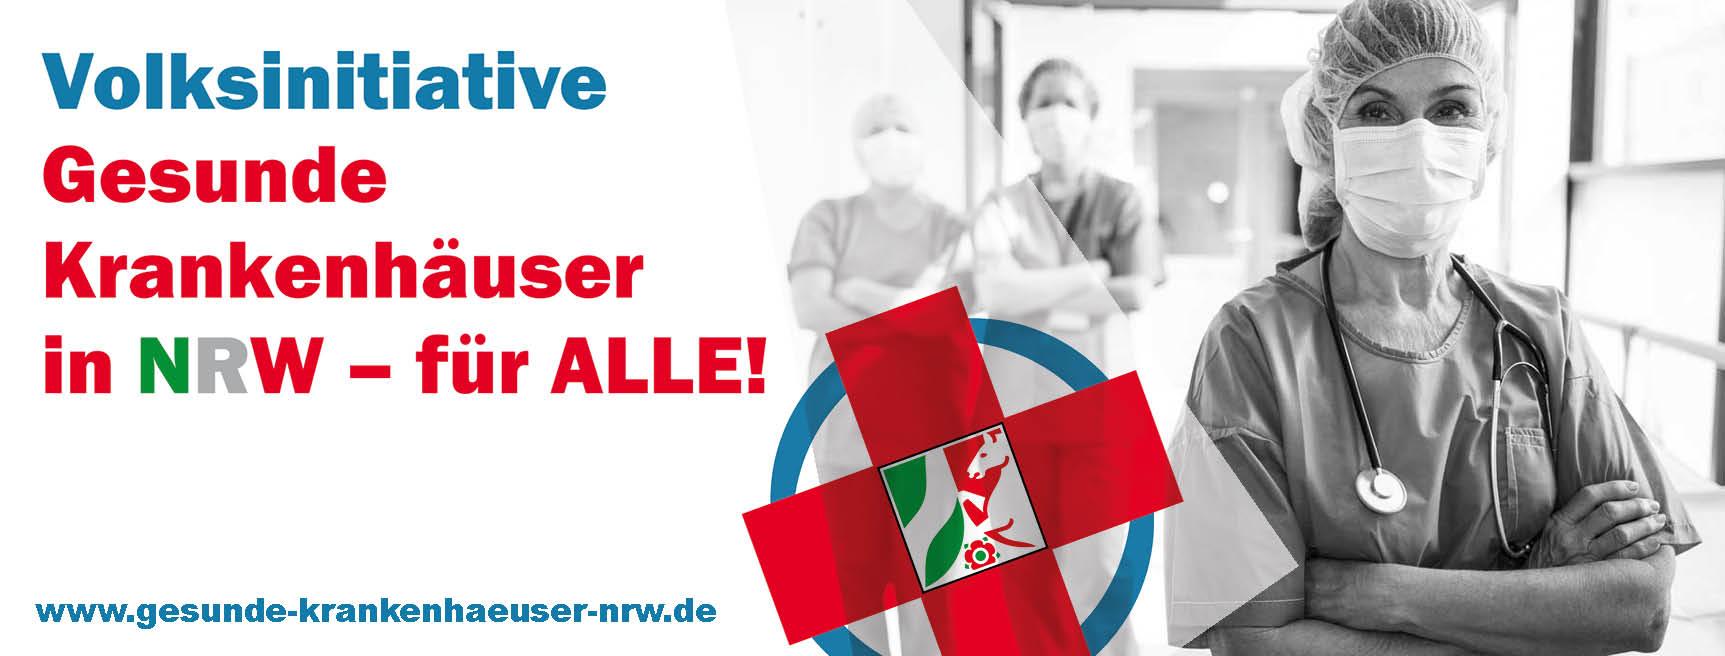 Volksinitiative für gesunde Krankenhäuser in NRW